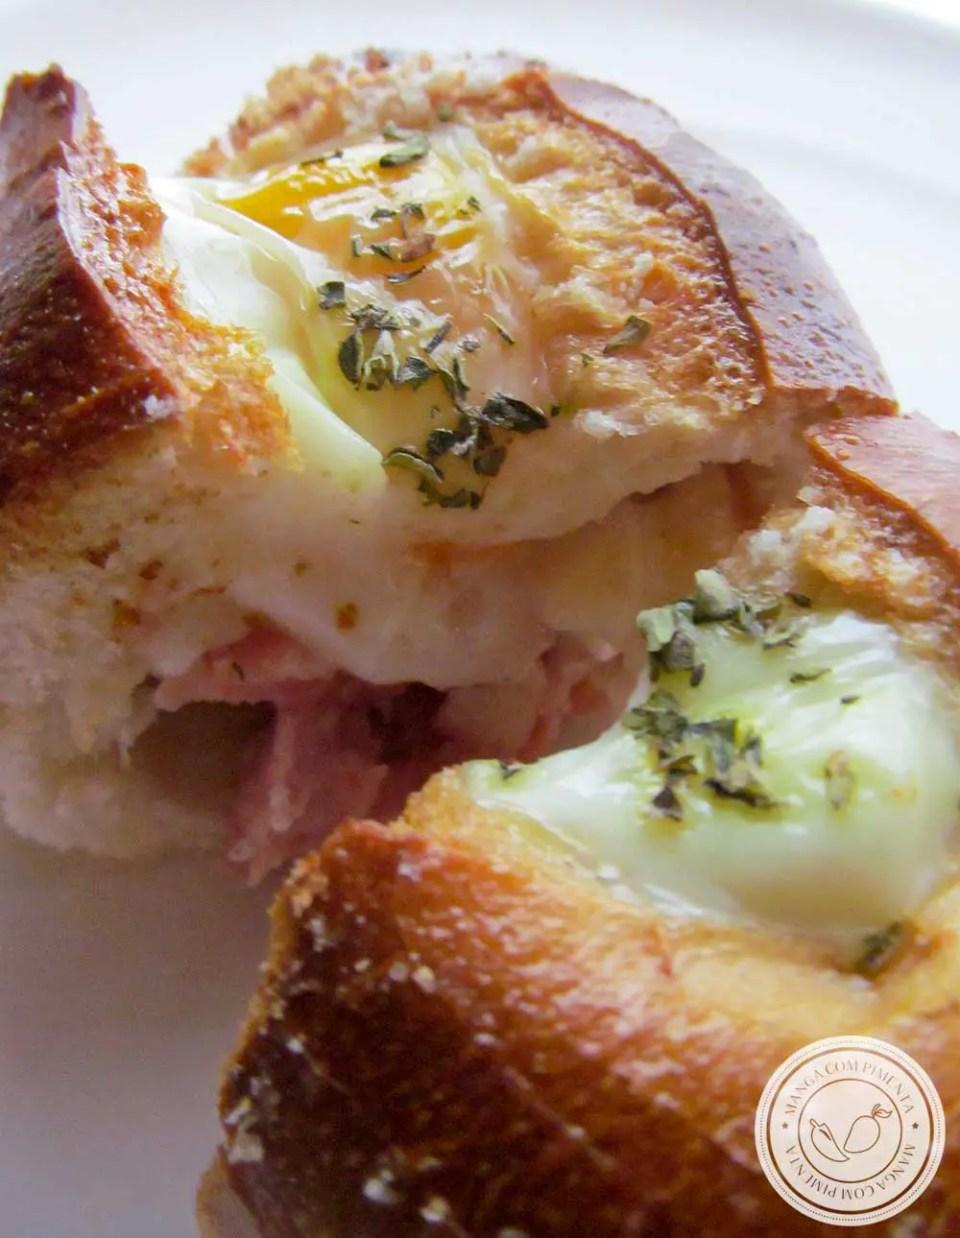 Receita de Pão Recheado ao Forno - aproveite aquele pãozinho amanhecido para preparar um lanche fácil e gostoso.